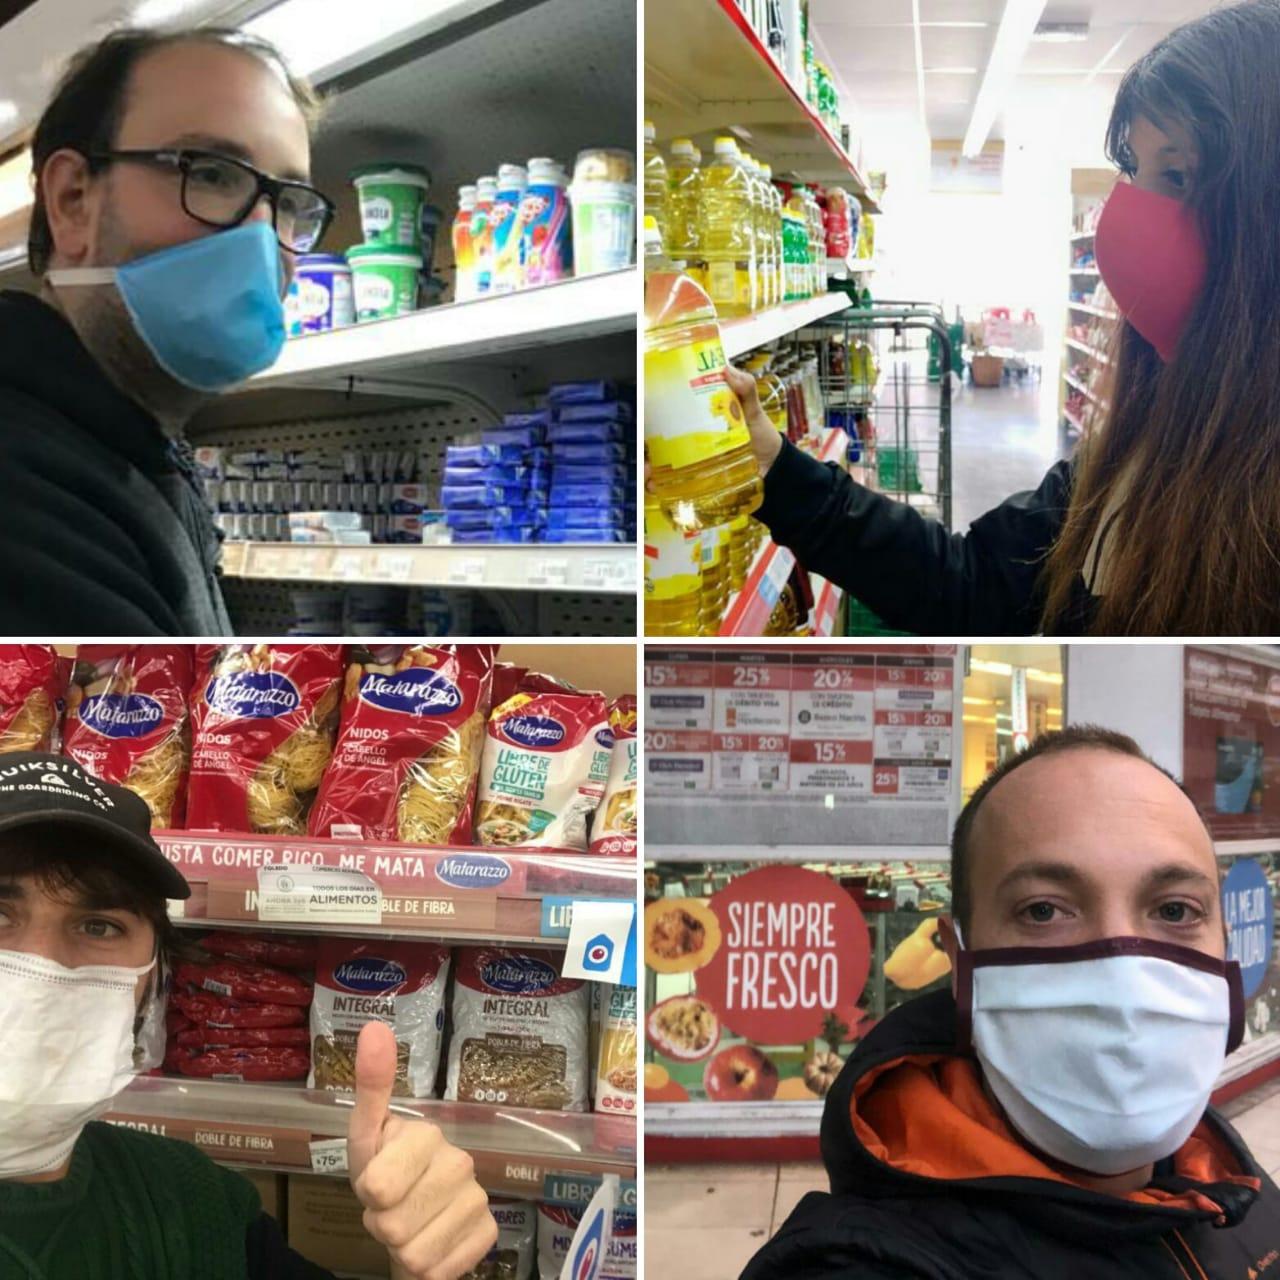 Un grupo de jóvenes llama a controlar los precios en los supermercados locales